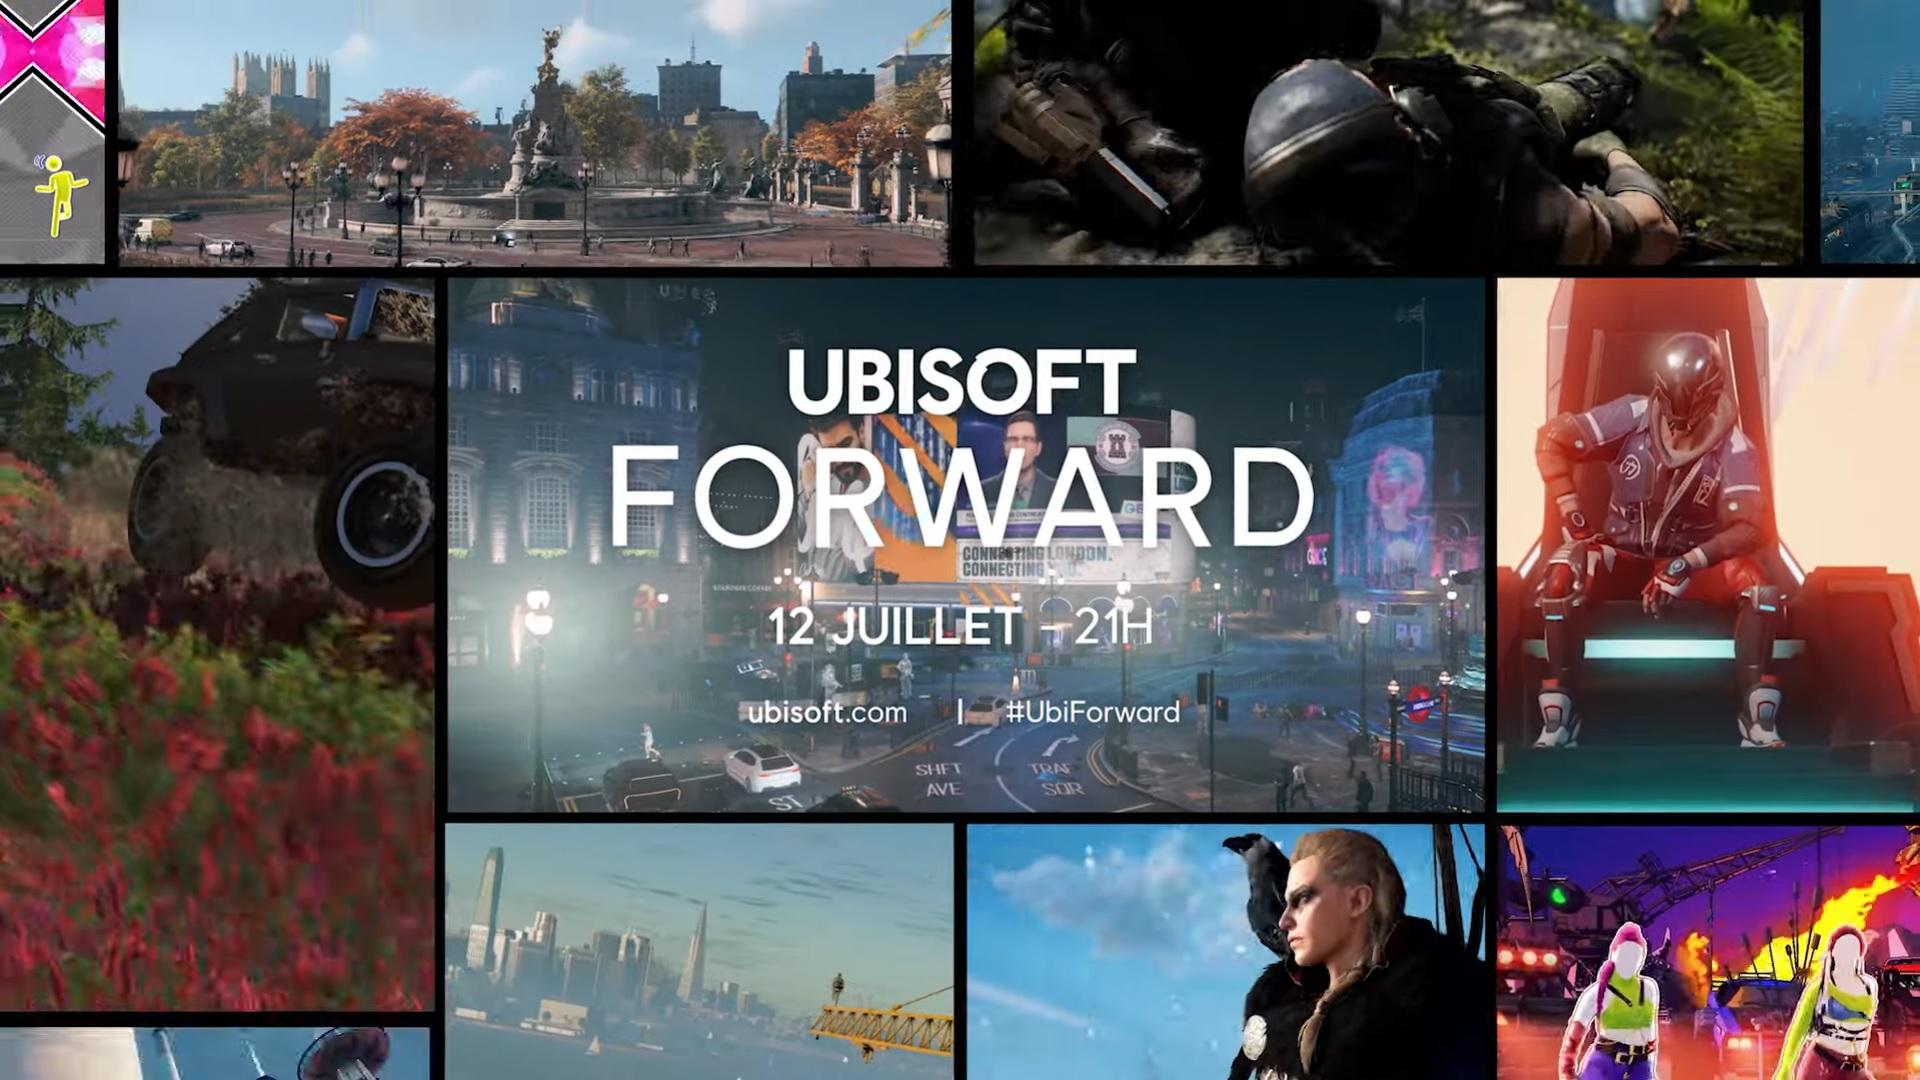 Ubisoft Forward : l'éditeur dévoile le programme de sa conférence et offrira Watch Dogs 2